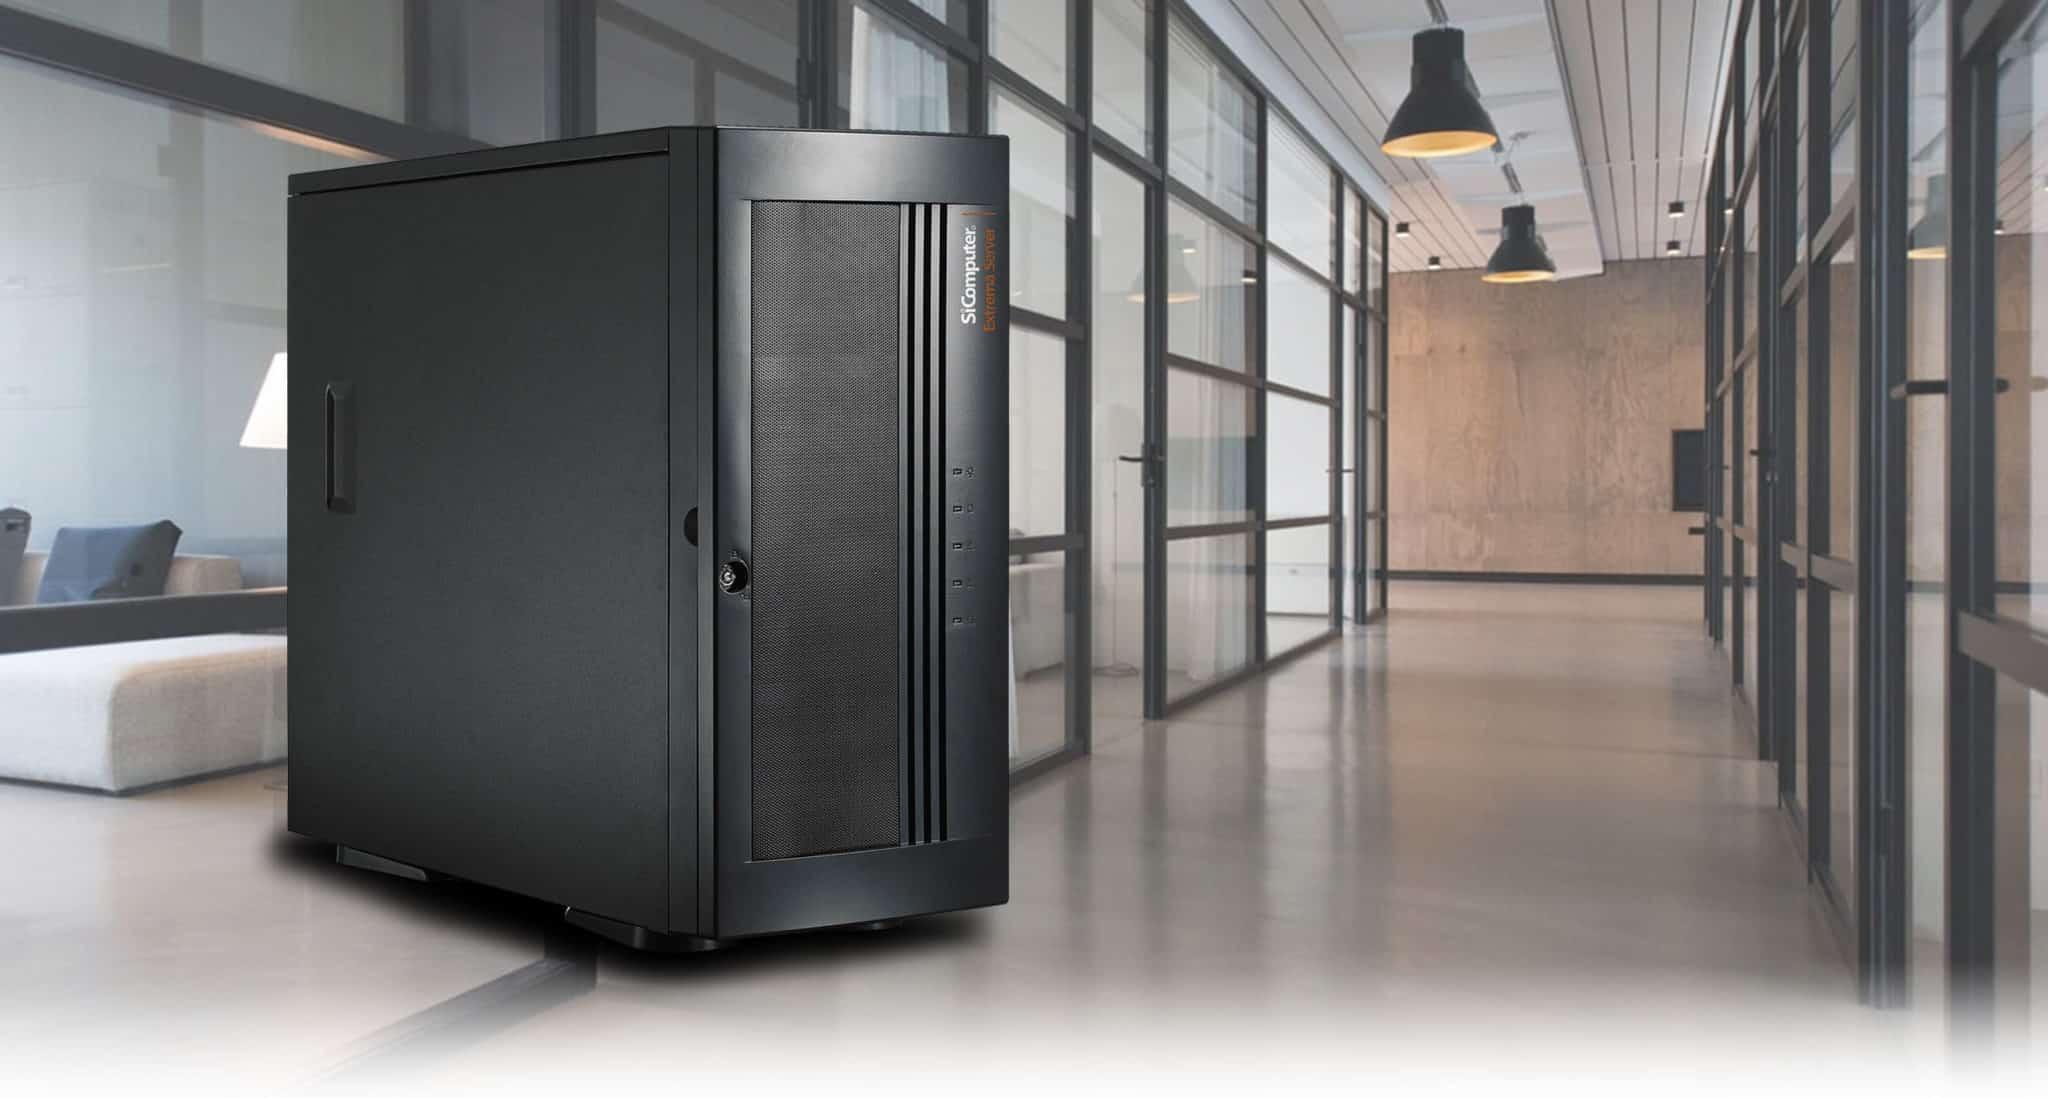 Extrema Server S200